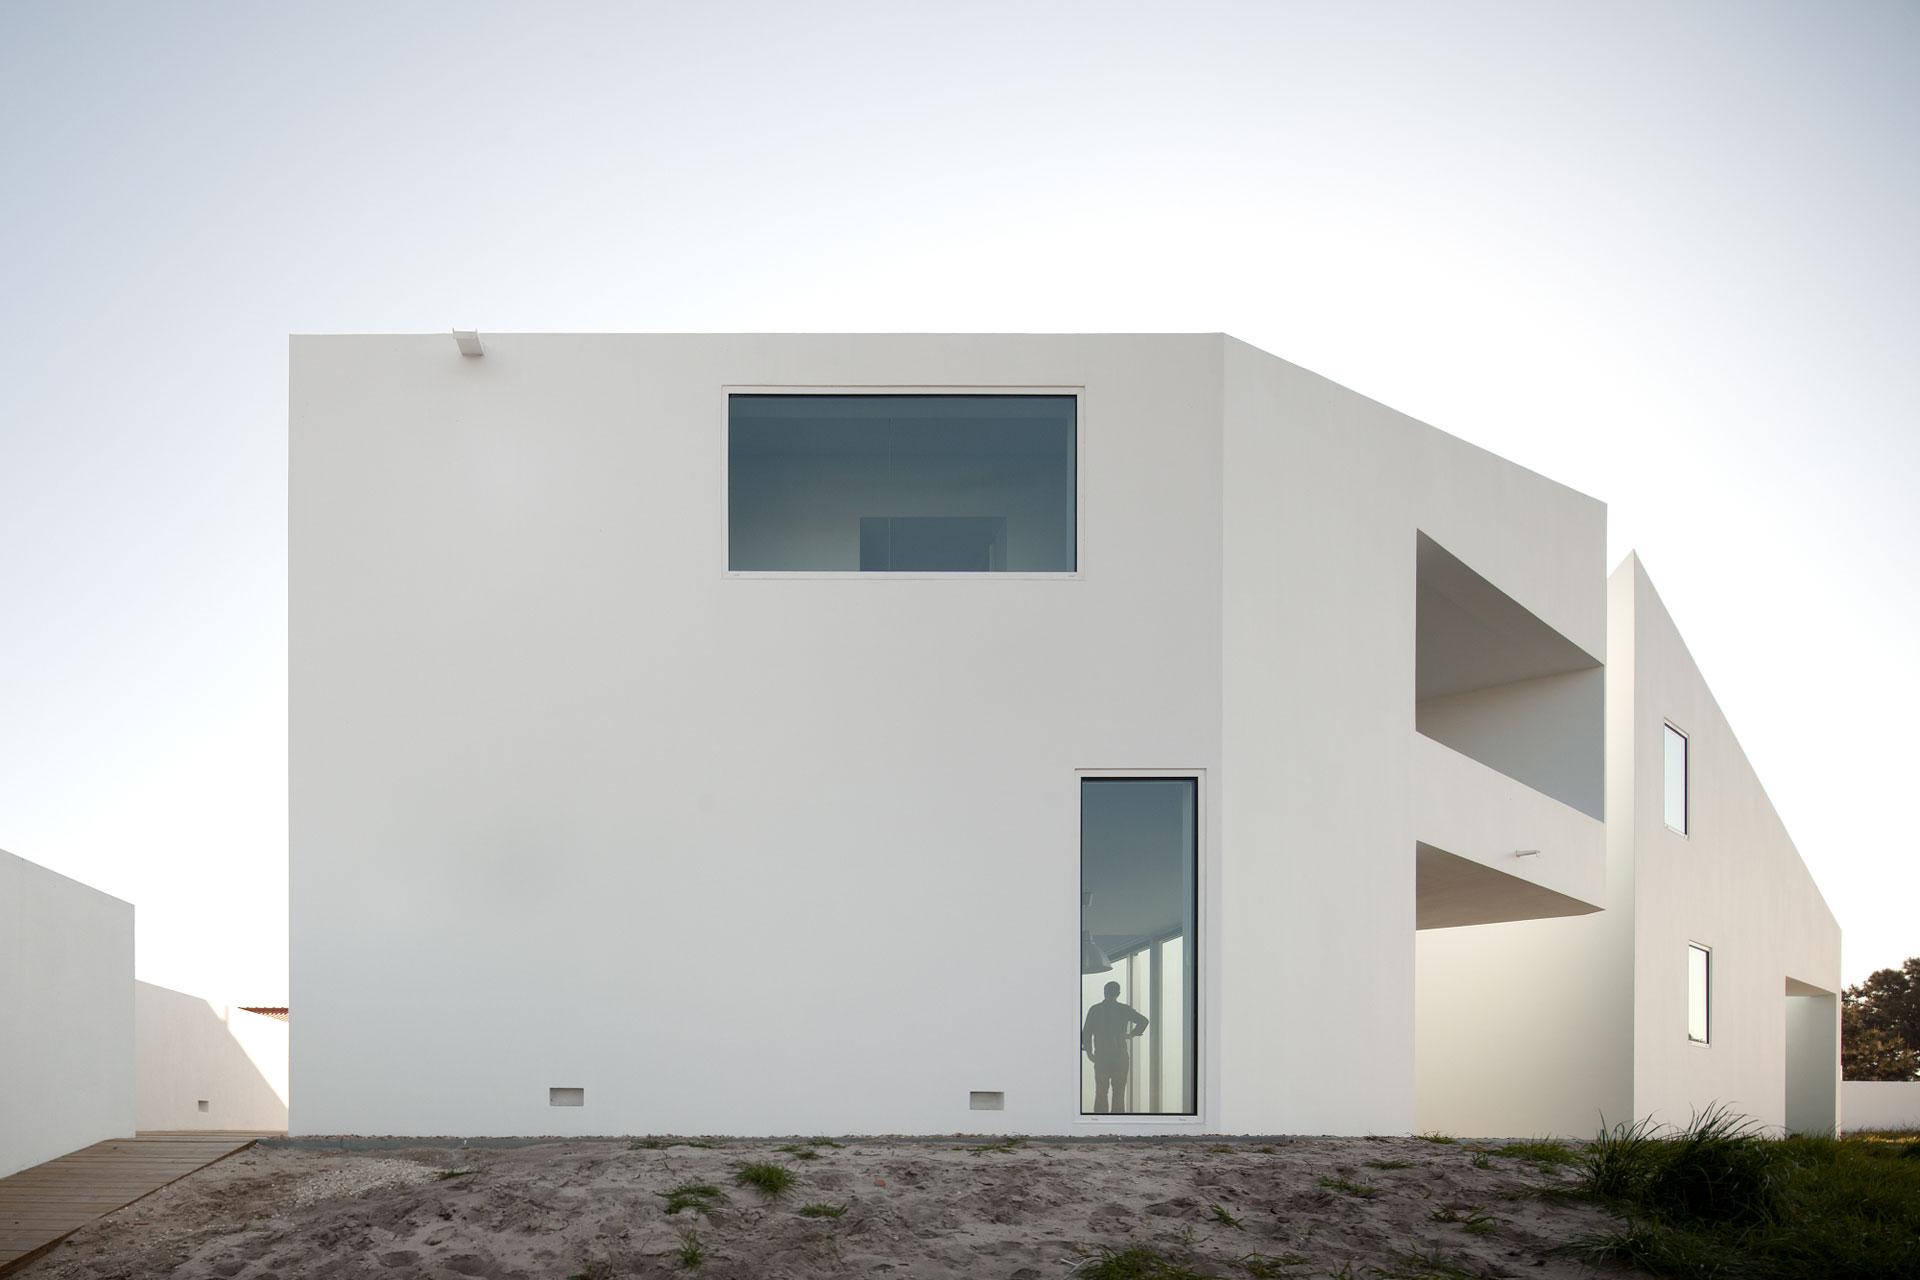 Casa em Possanco / ARX Portugal, © FG + SG